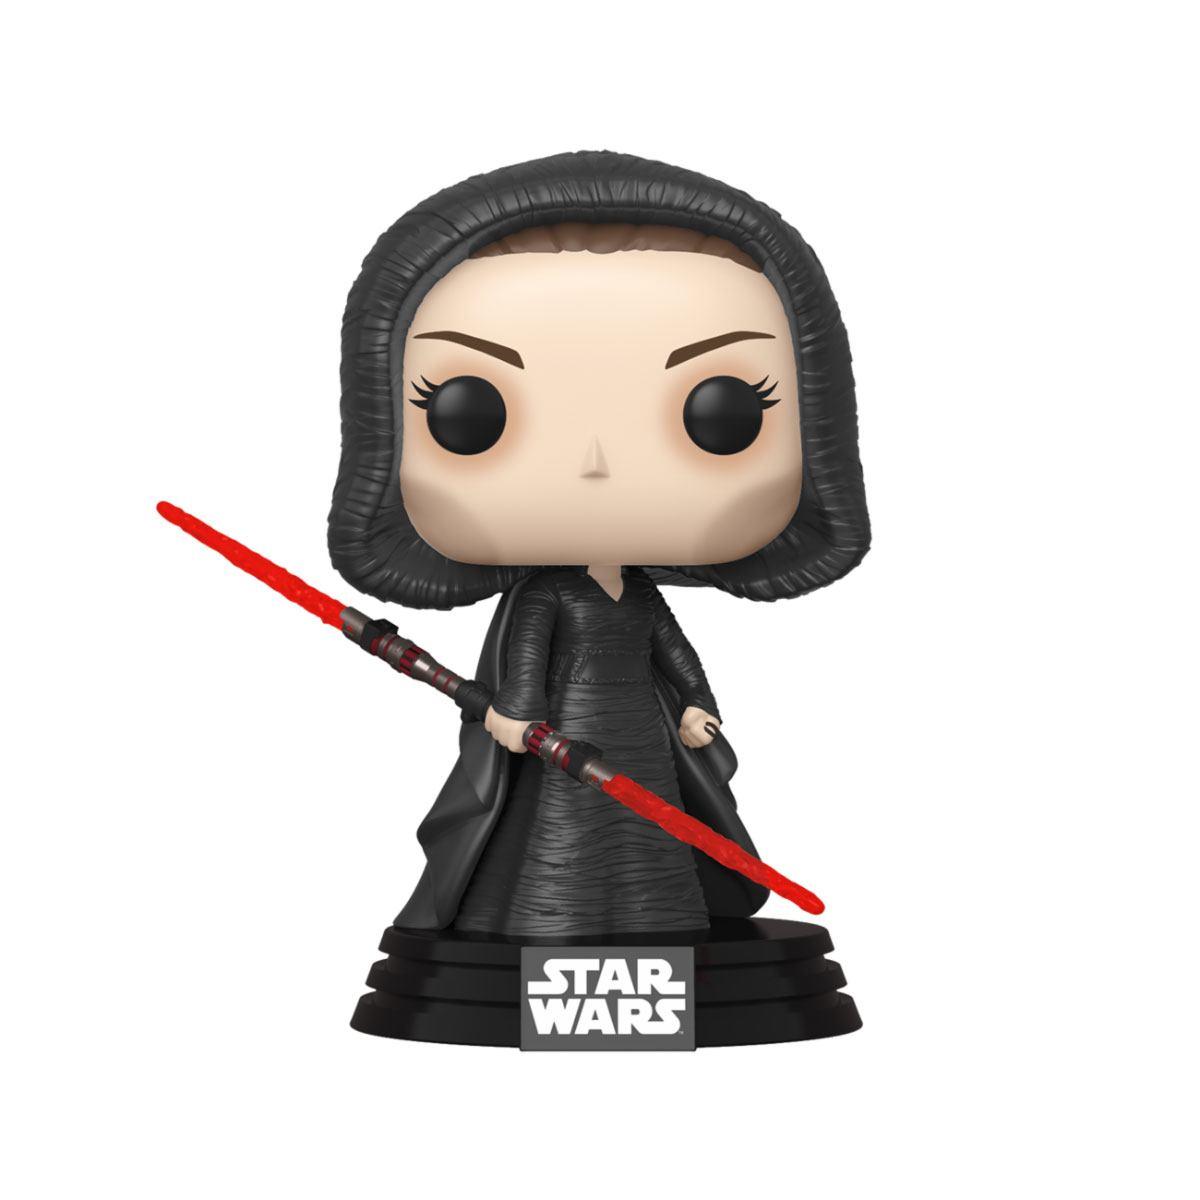 Star Wars Episode IX POP! Movies Vinyl Figure Dark Rey 9 cm